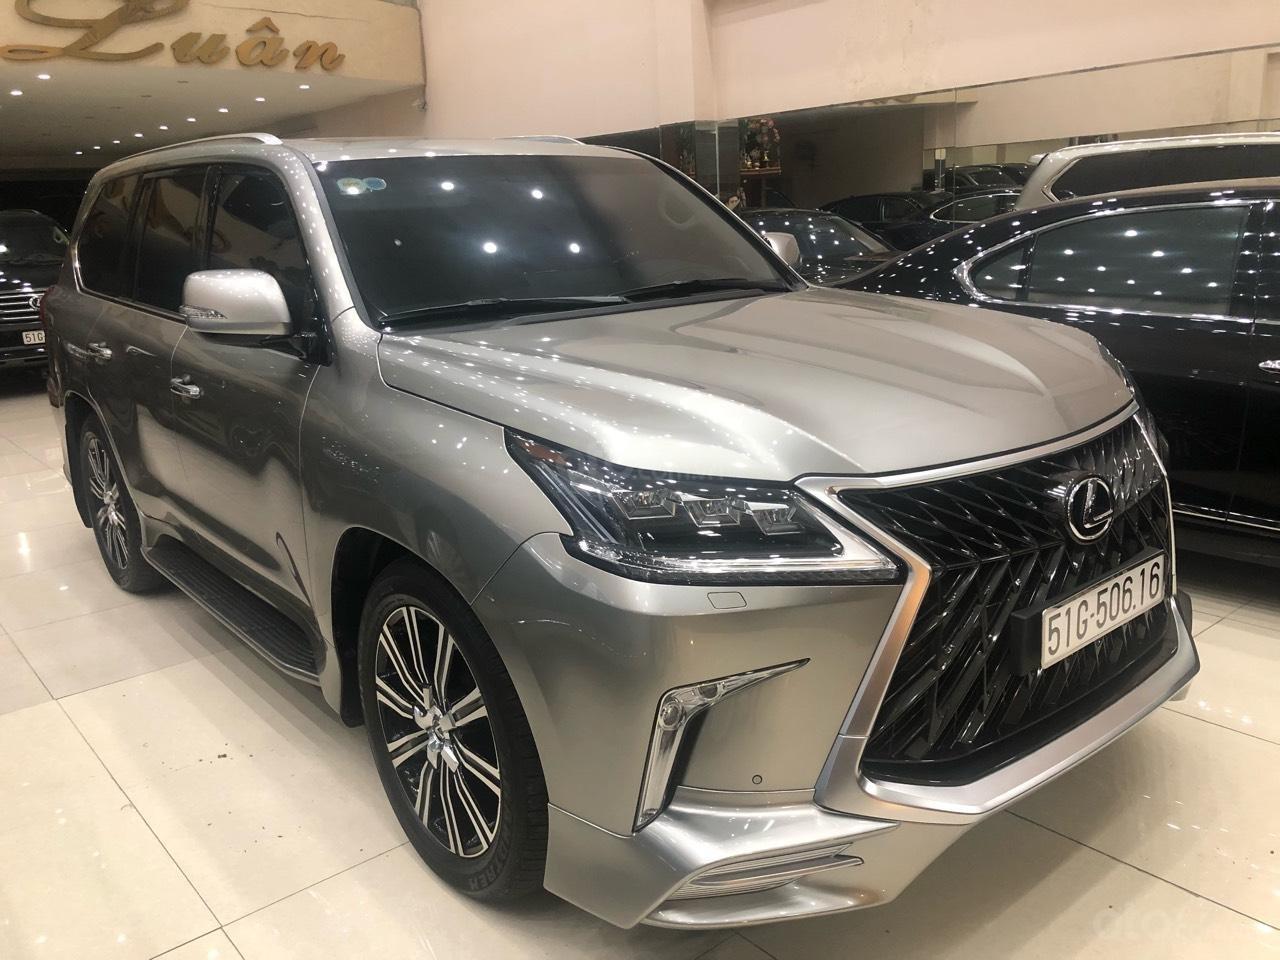 Bán Lexus LX570 đời 2018, màu bạc, nhập khẩu (2)